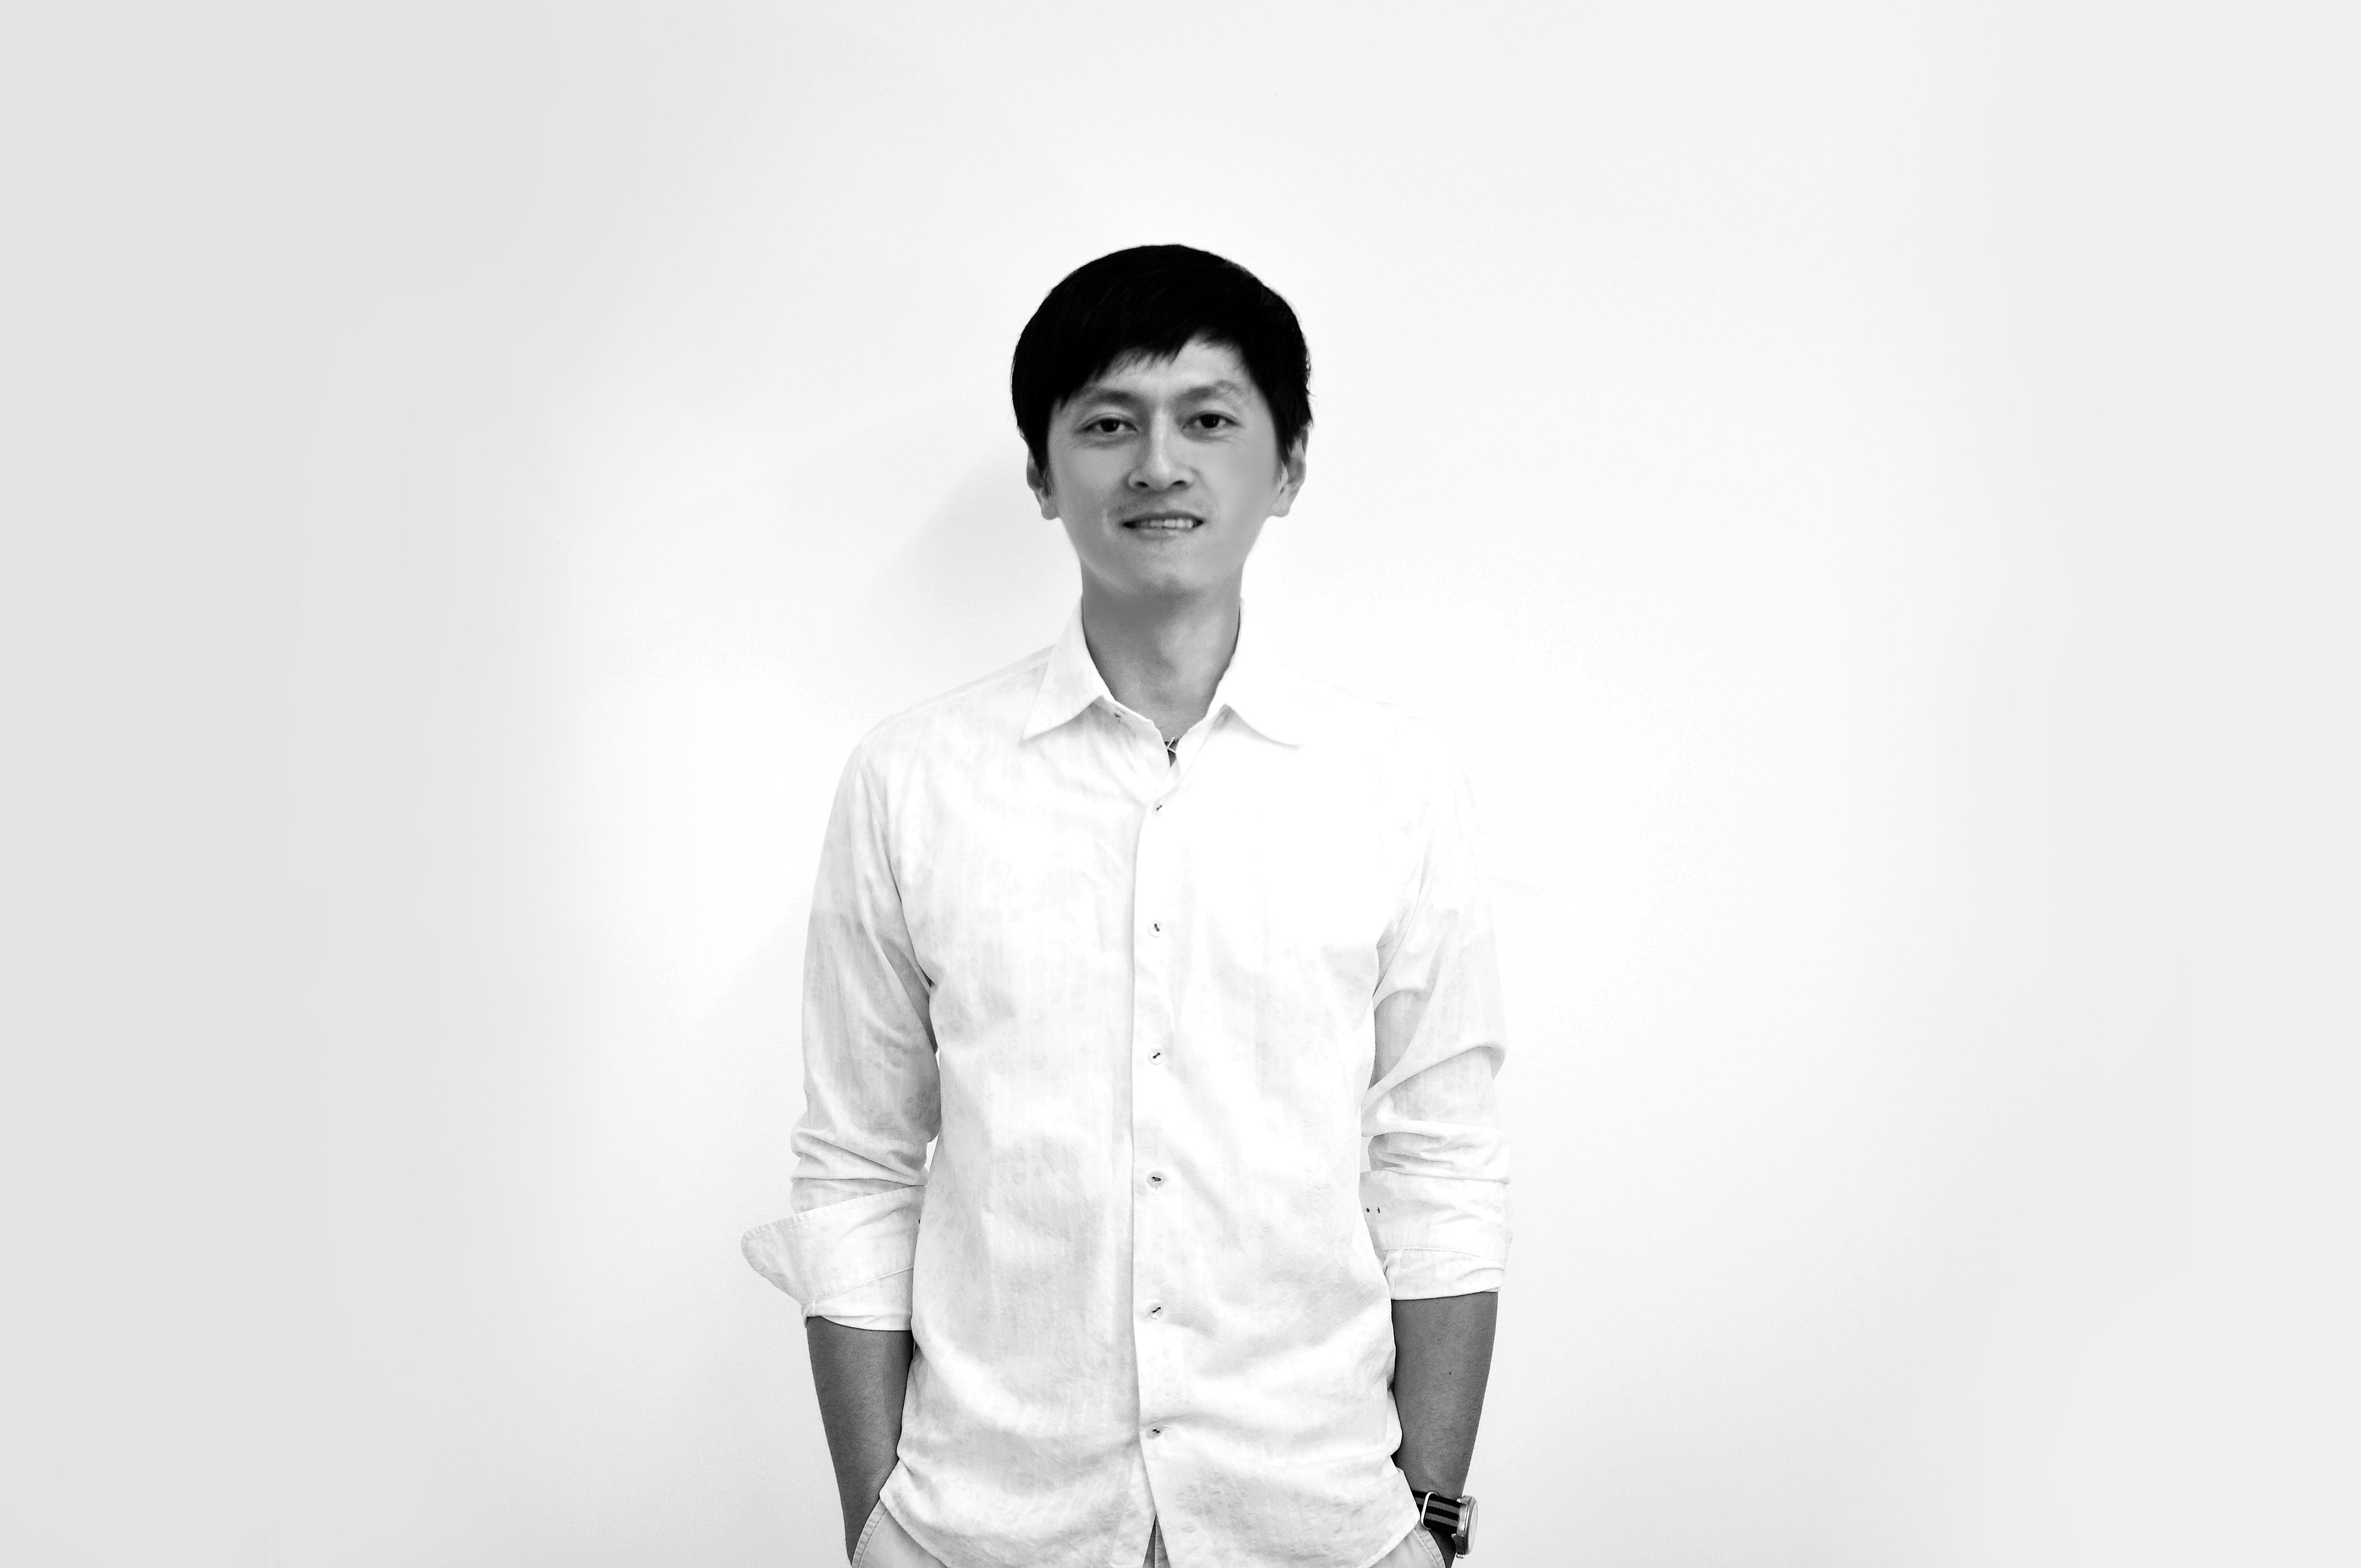 chung-shih_1